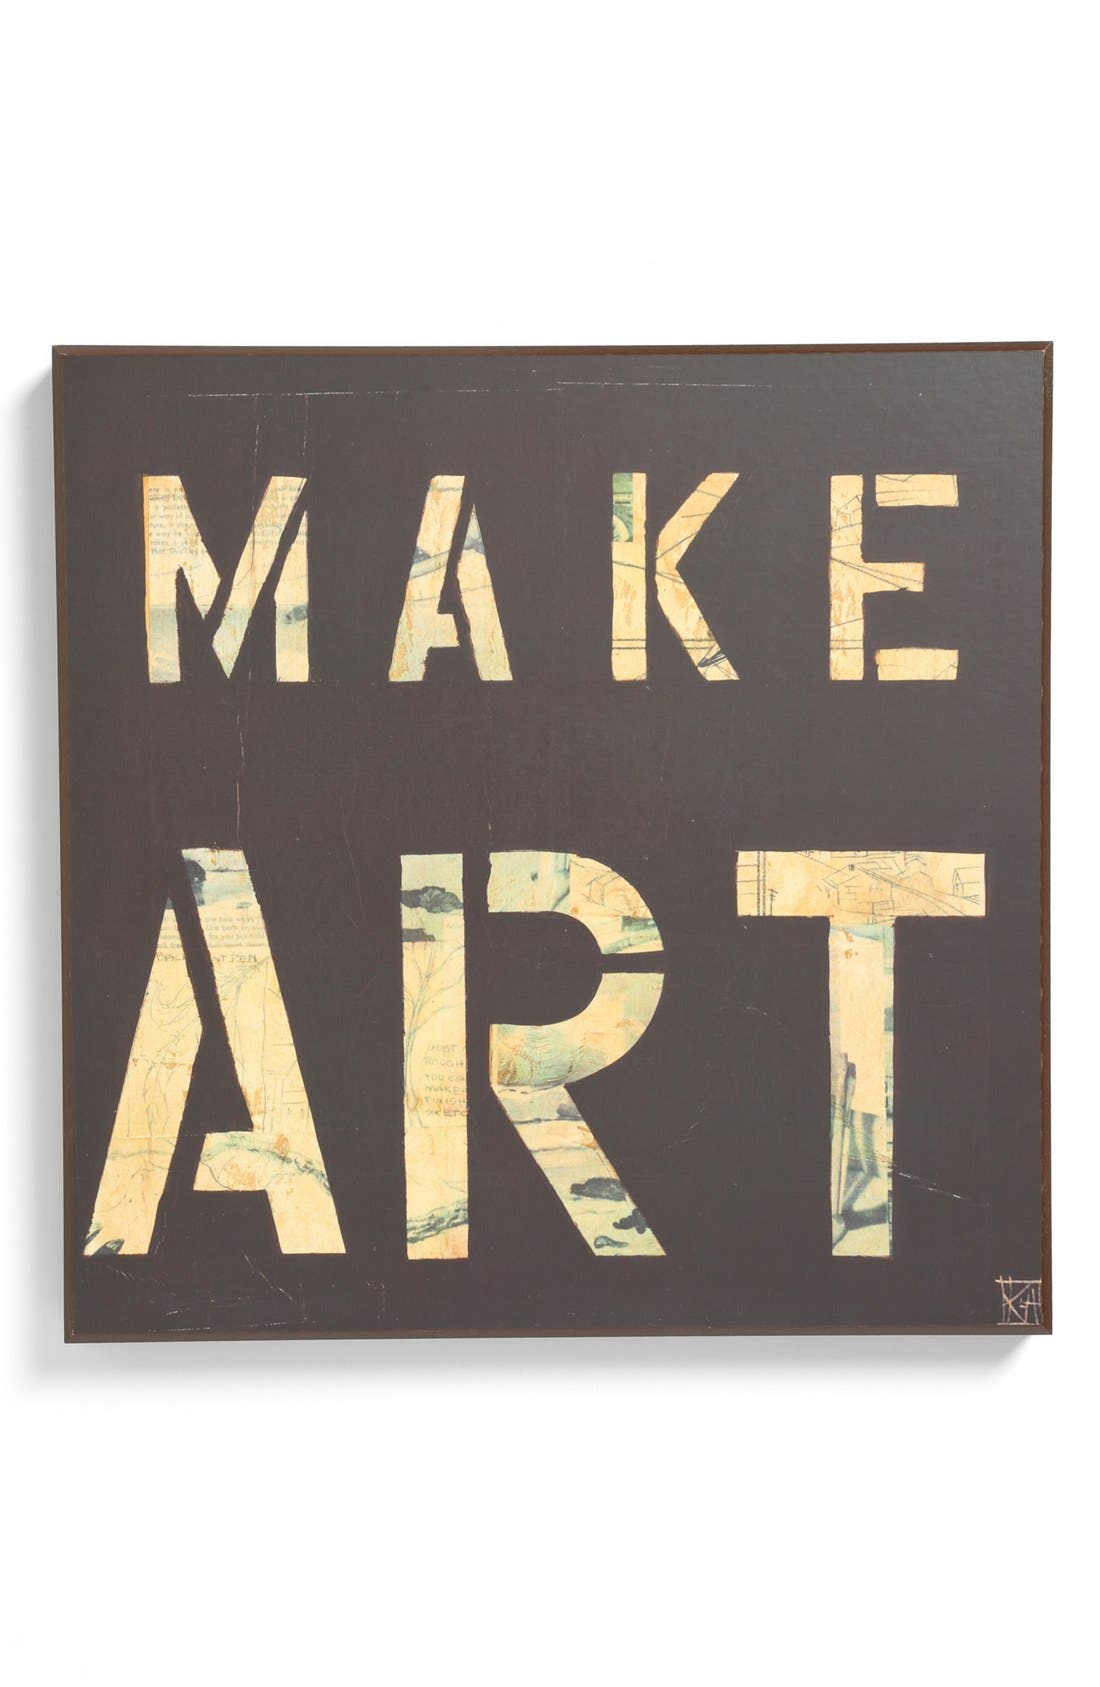 Main Image - Third and Wall Art 'Make Art' Sign